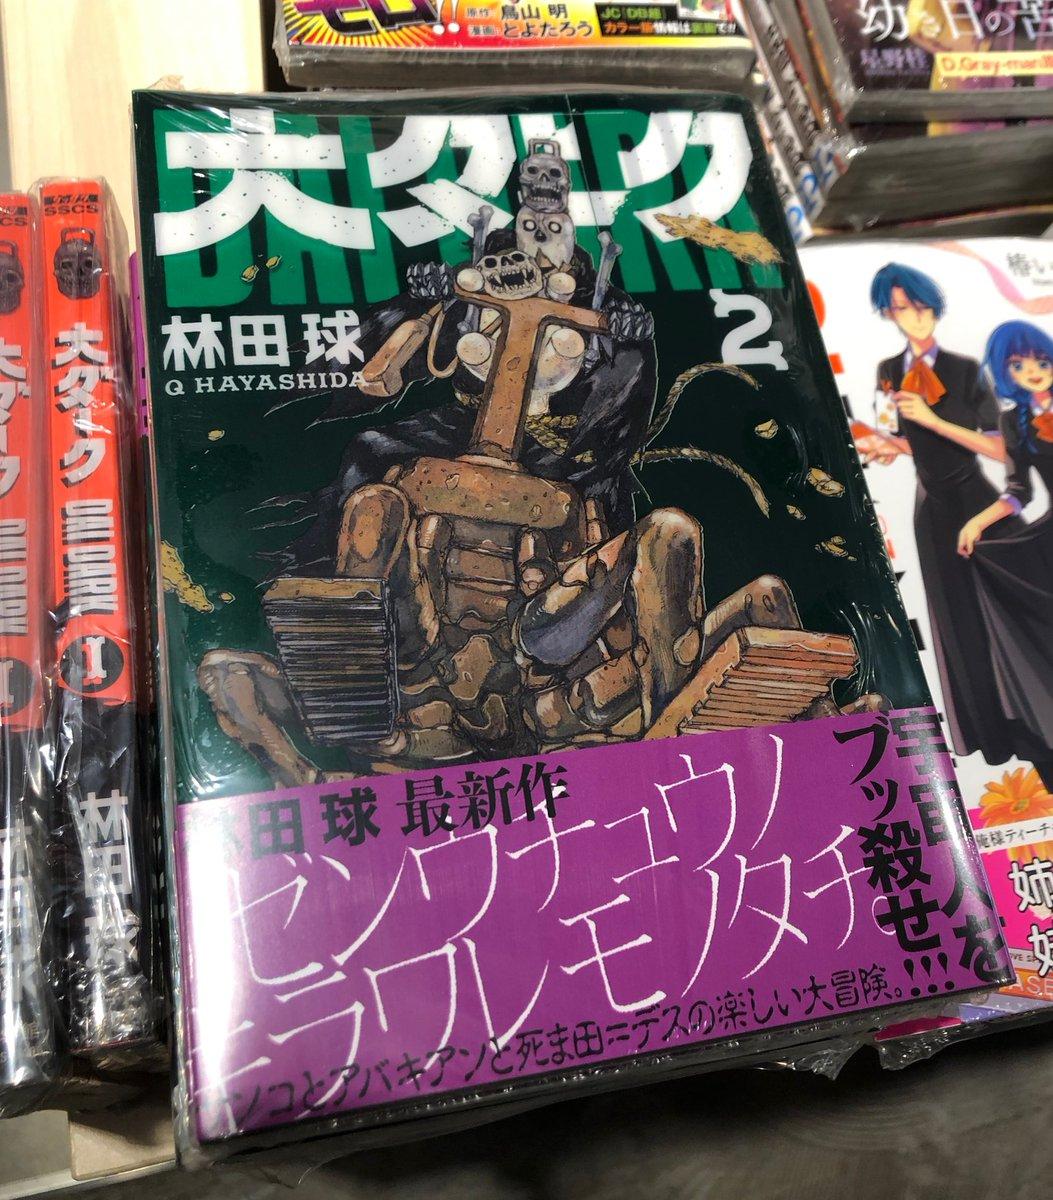 【7F コミック】#ドロヘドロ の #林田球 が放つ、SF大宇宙!!『#大ダーク (2)』をはじめ、コミック新刊入荷してます!